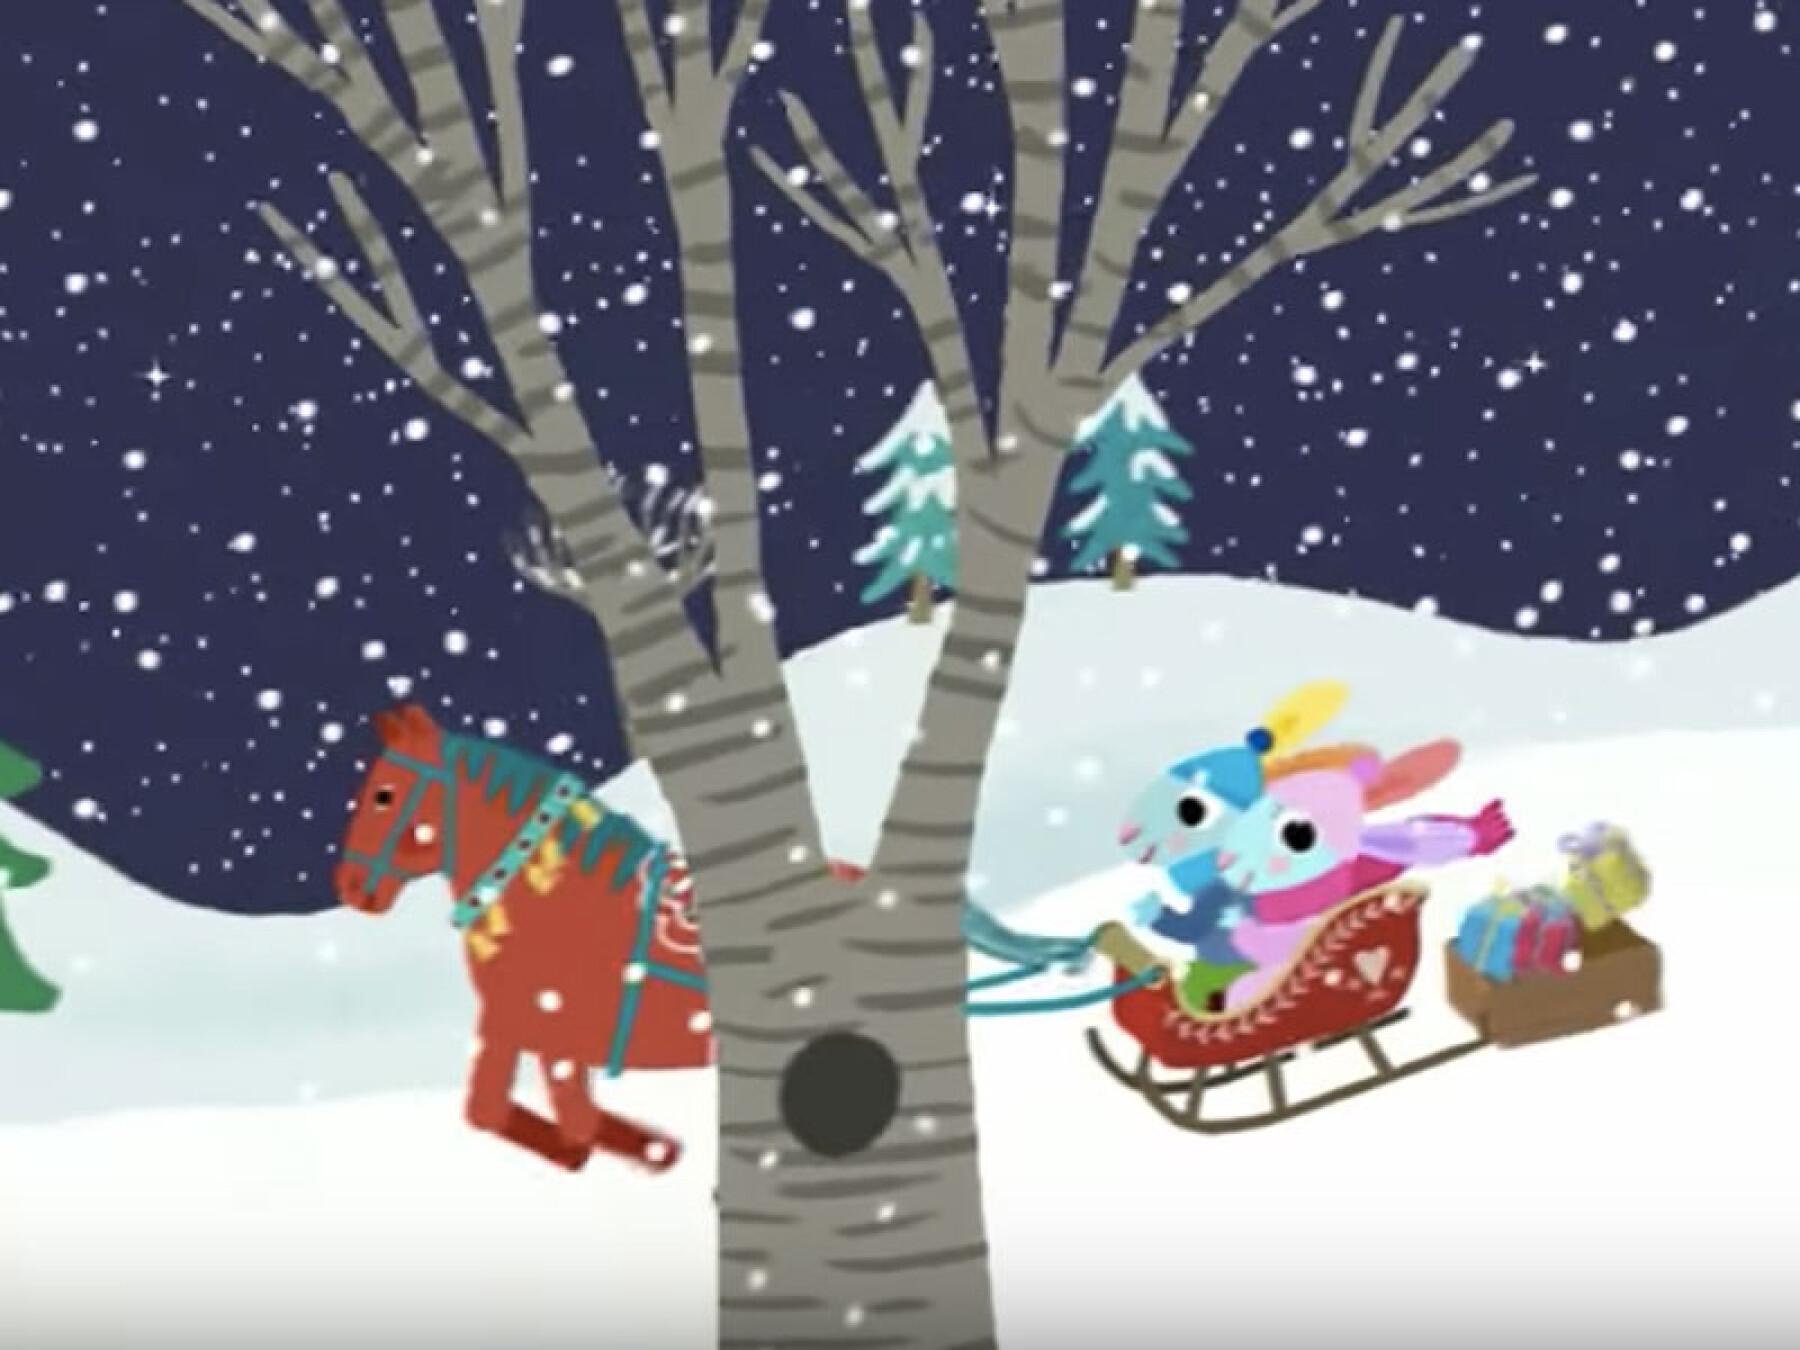 Les chansons de Pinpin et Lili : Jingle Bells